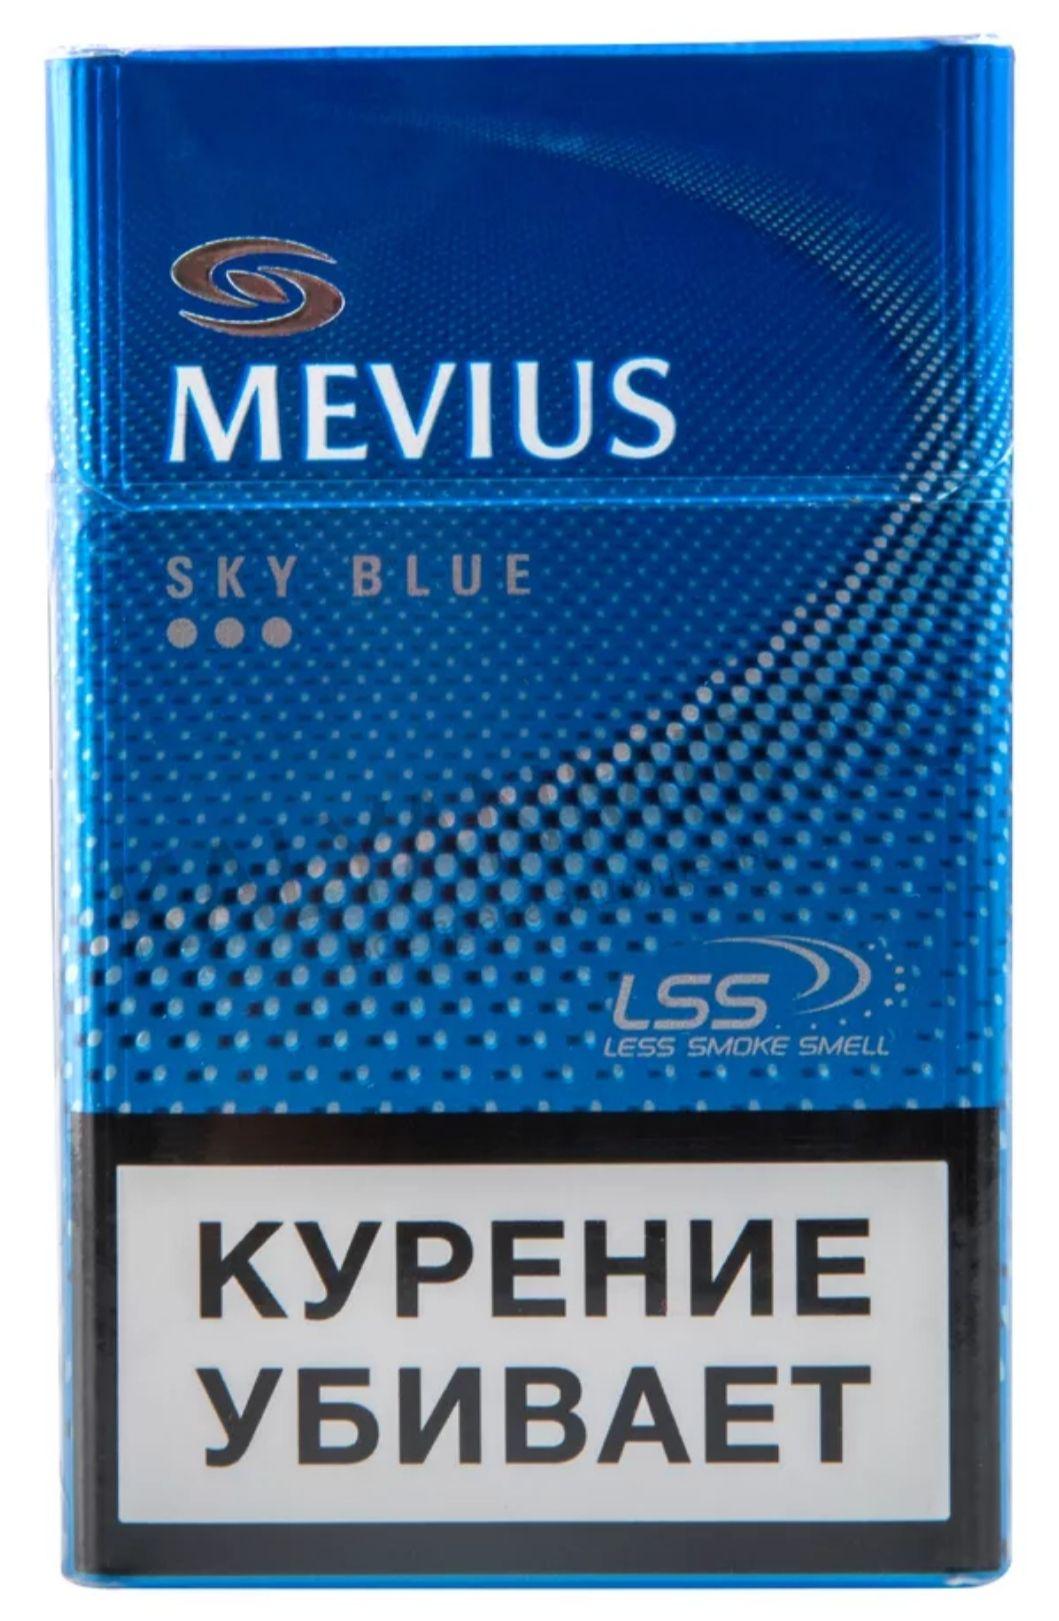 сигареты mevius купить спб